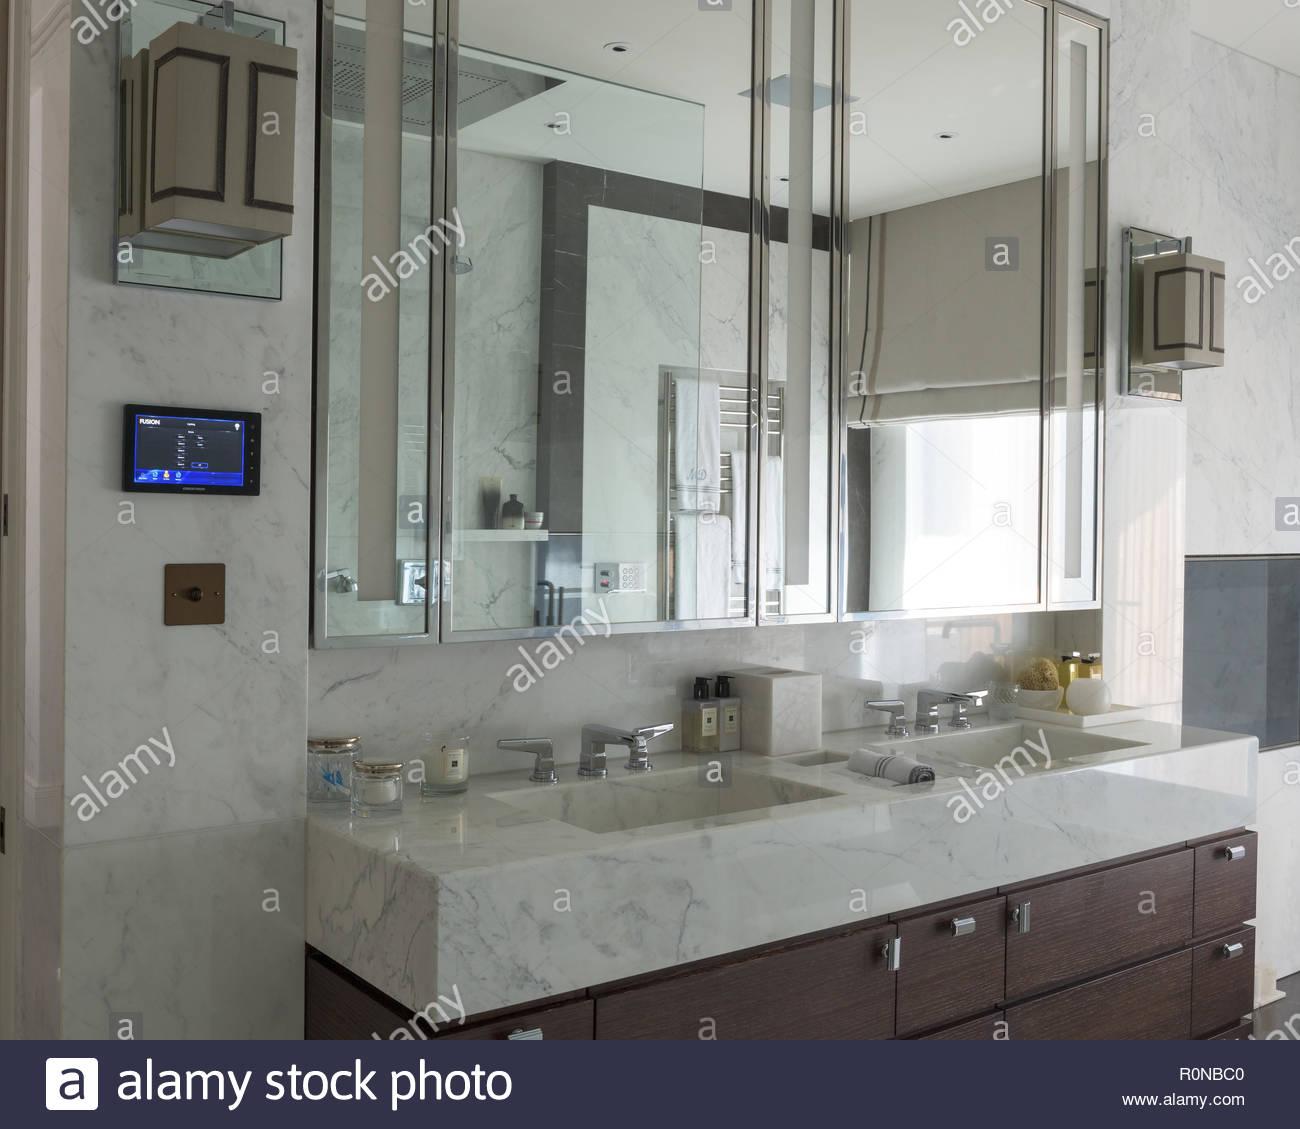 Marble Bathrooms Photos: Marble Basins Stock Photos & Marble Basins Stock Images